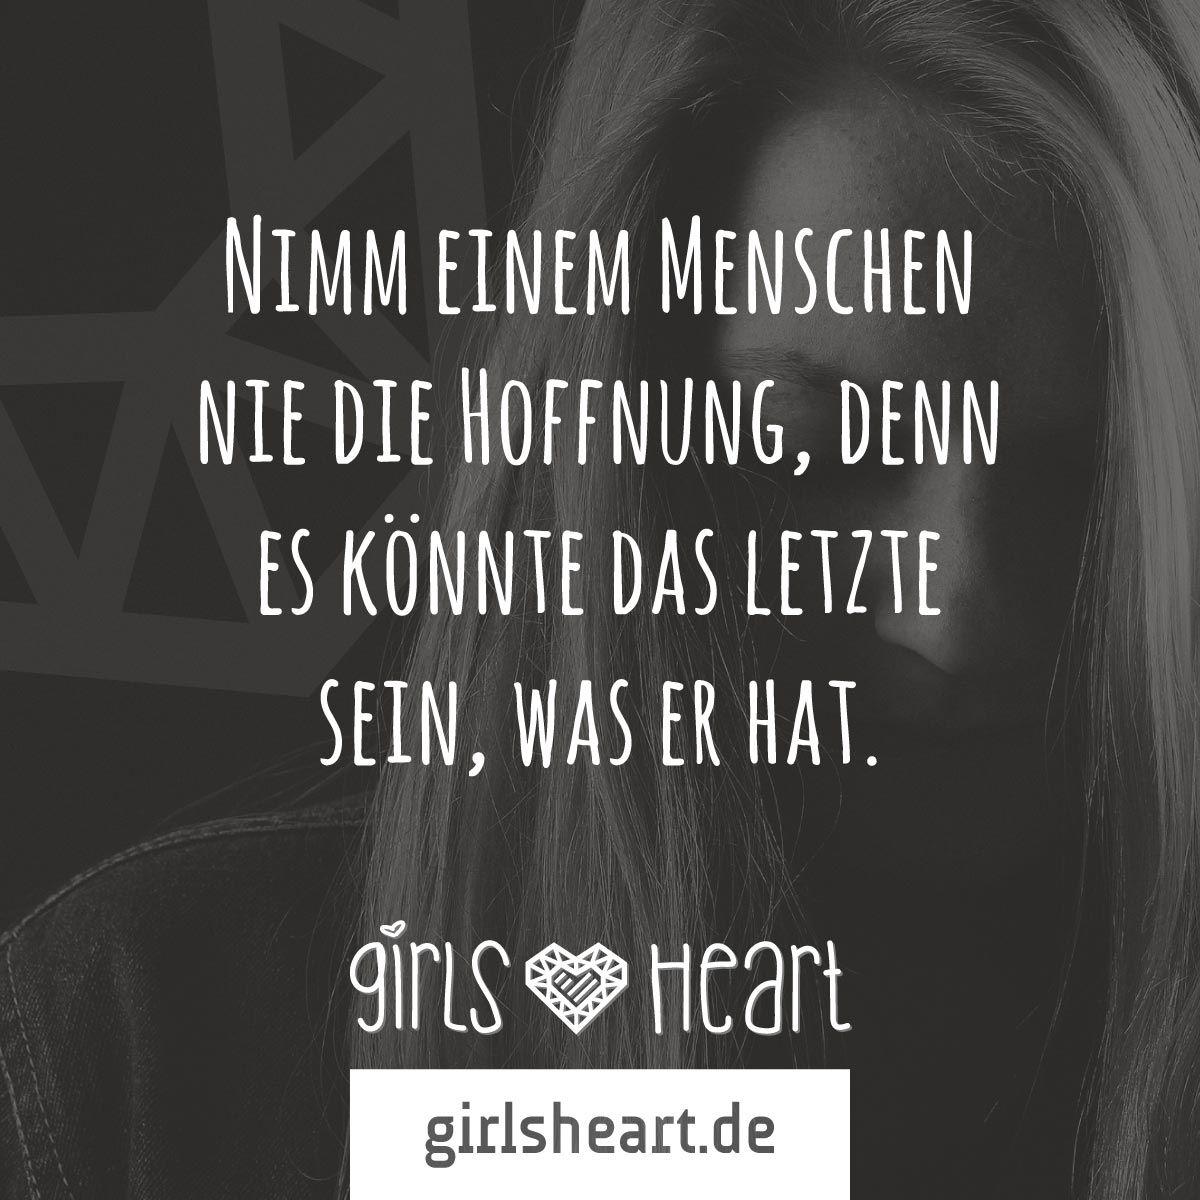 sprüche hilfe Mehr Sprüche auf: .girlsheart.de #hoffnung #hilfe #freundschaft  sprüche hilfe